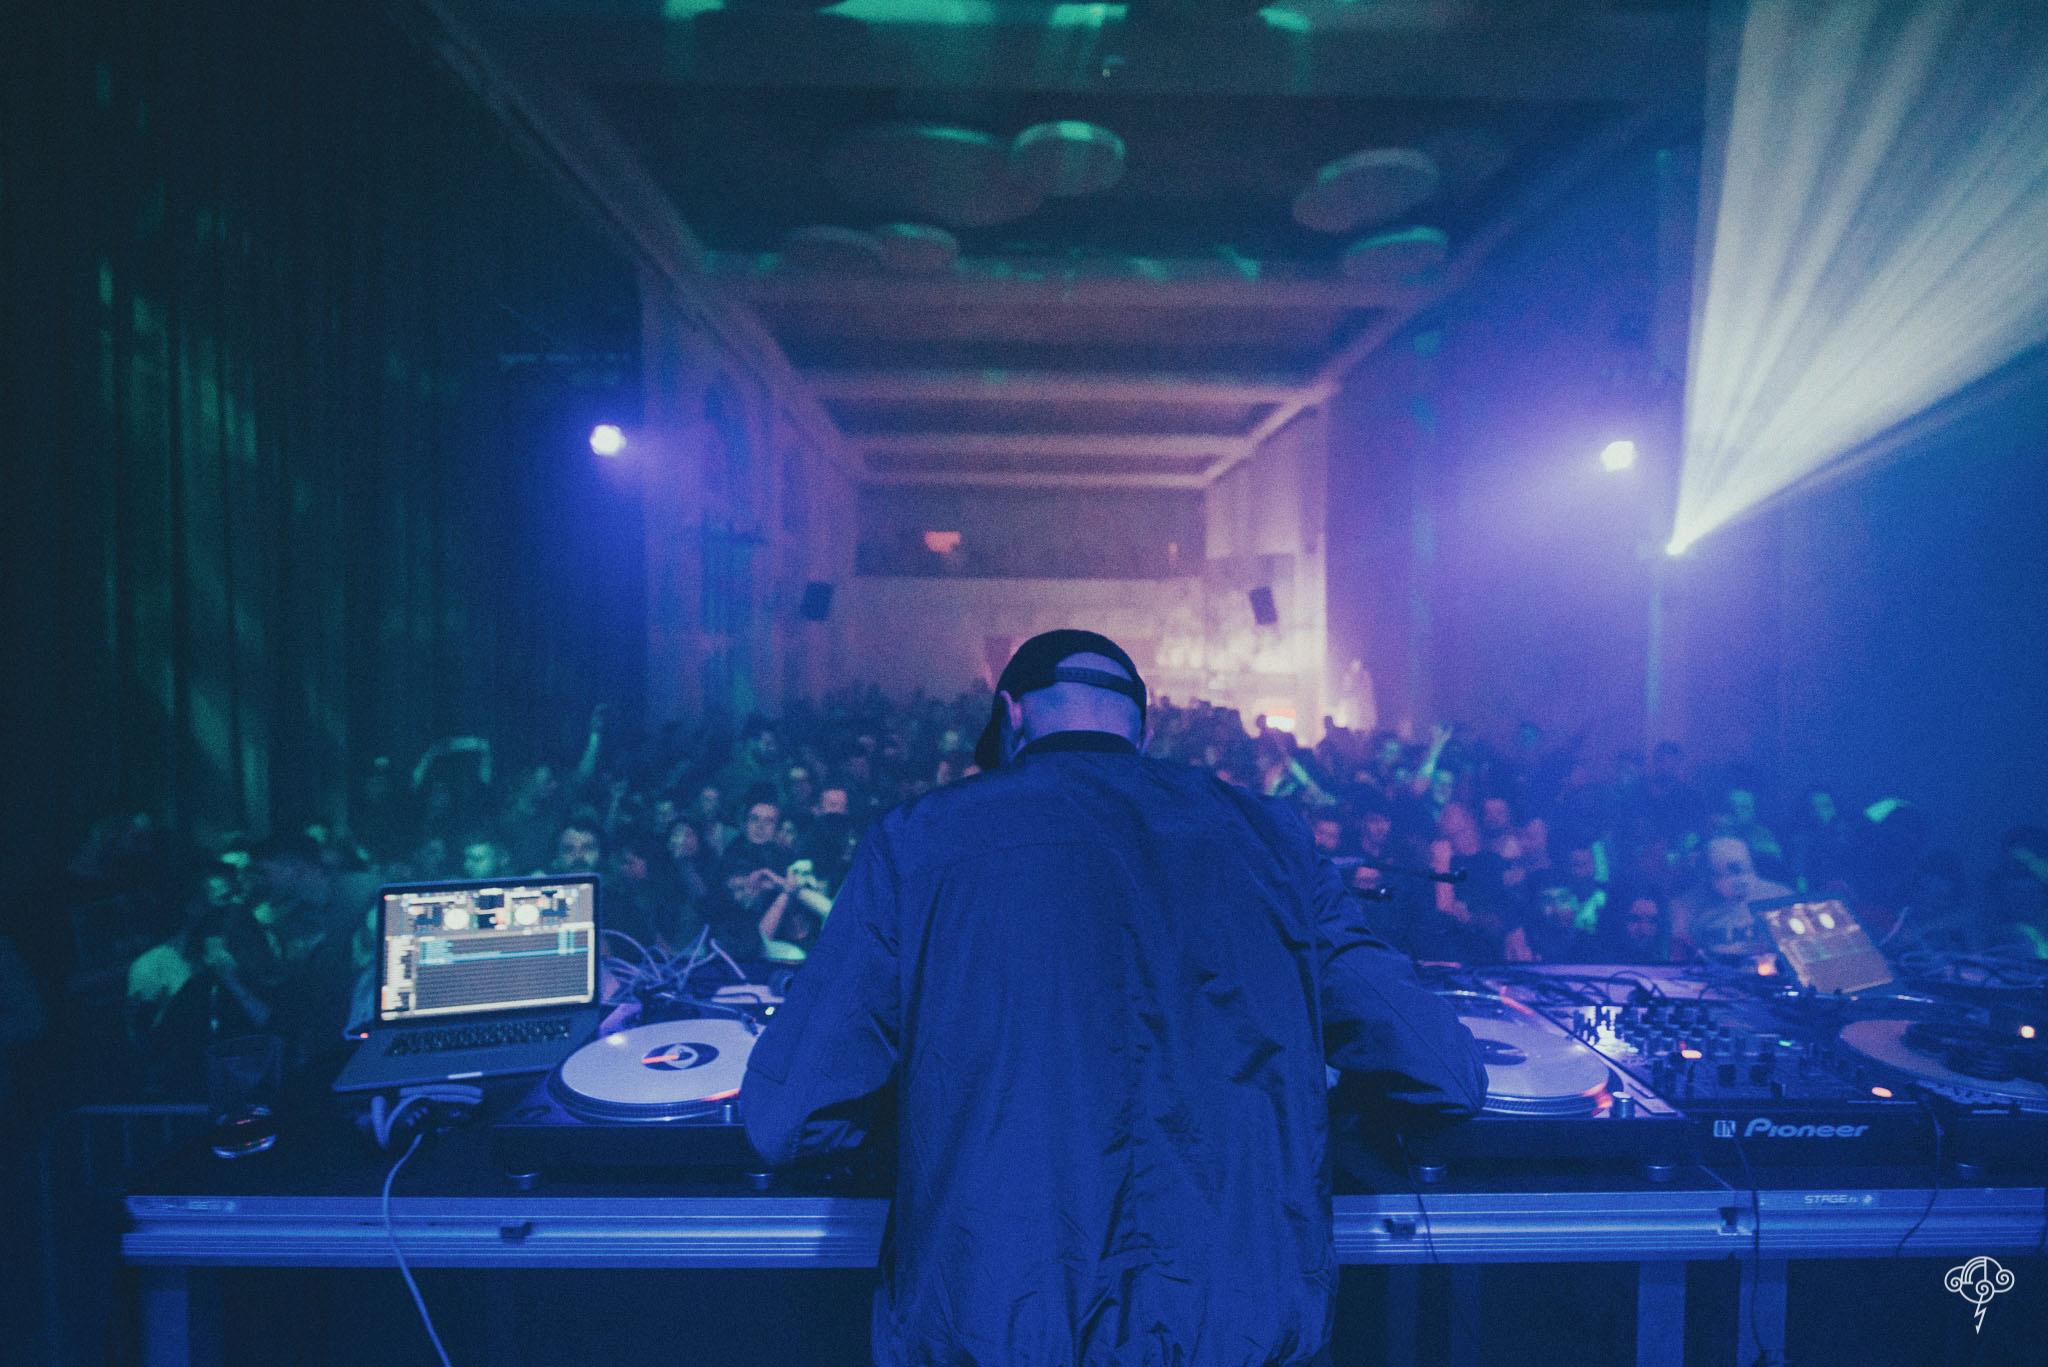 Widok na stanowisko DJa i tłum zgromadzony przed sceną